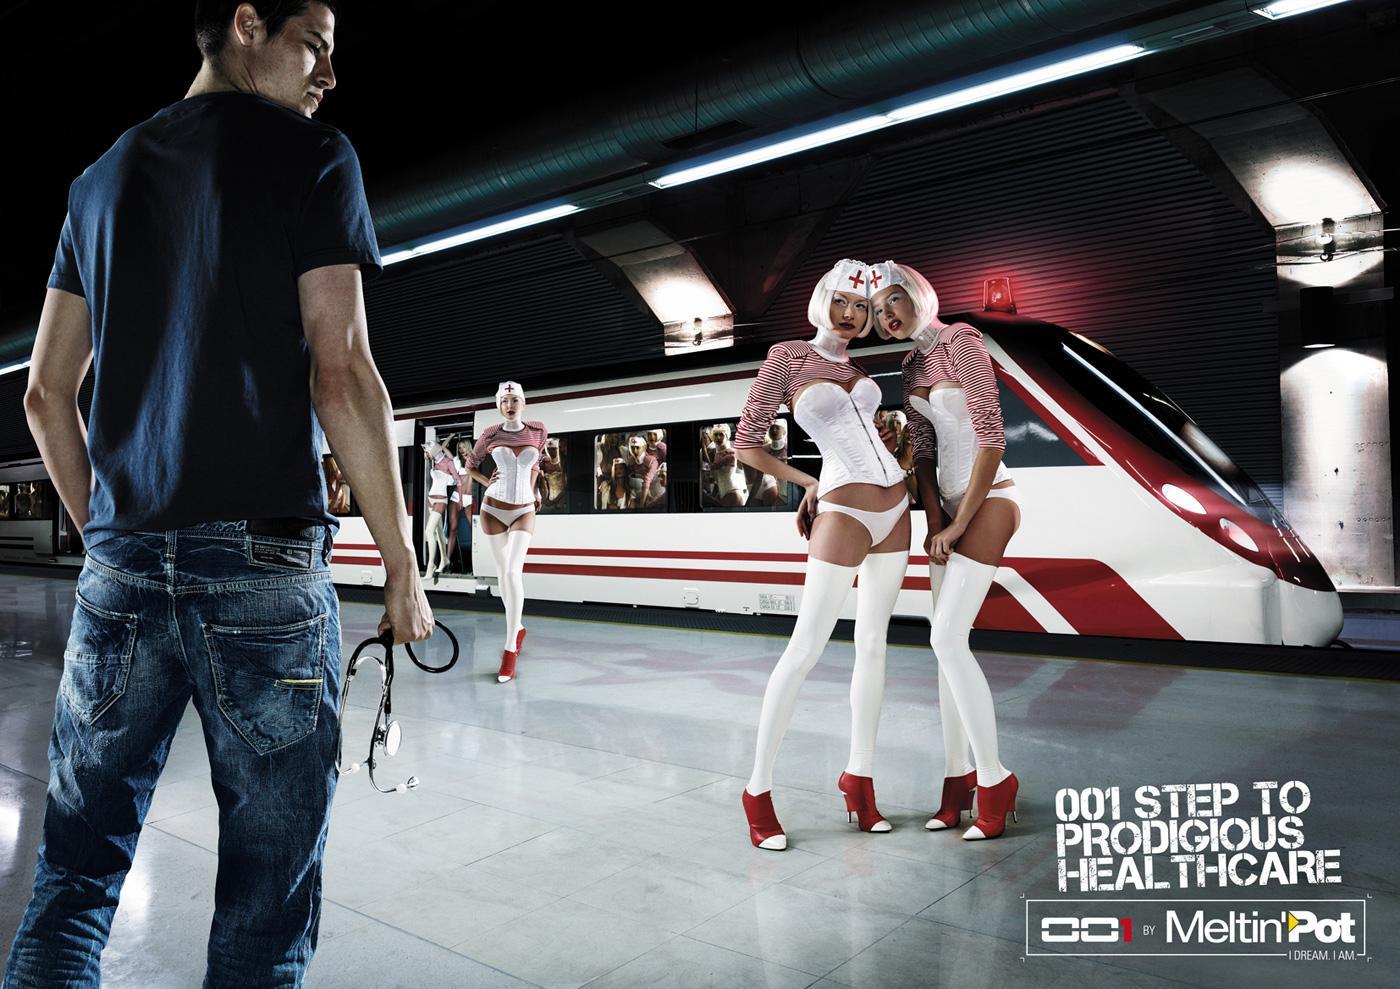 Meltin'Pot Print Ad -  001 Step to prodigious healthcare